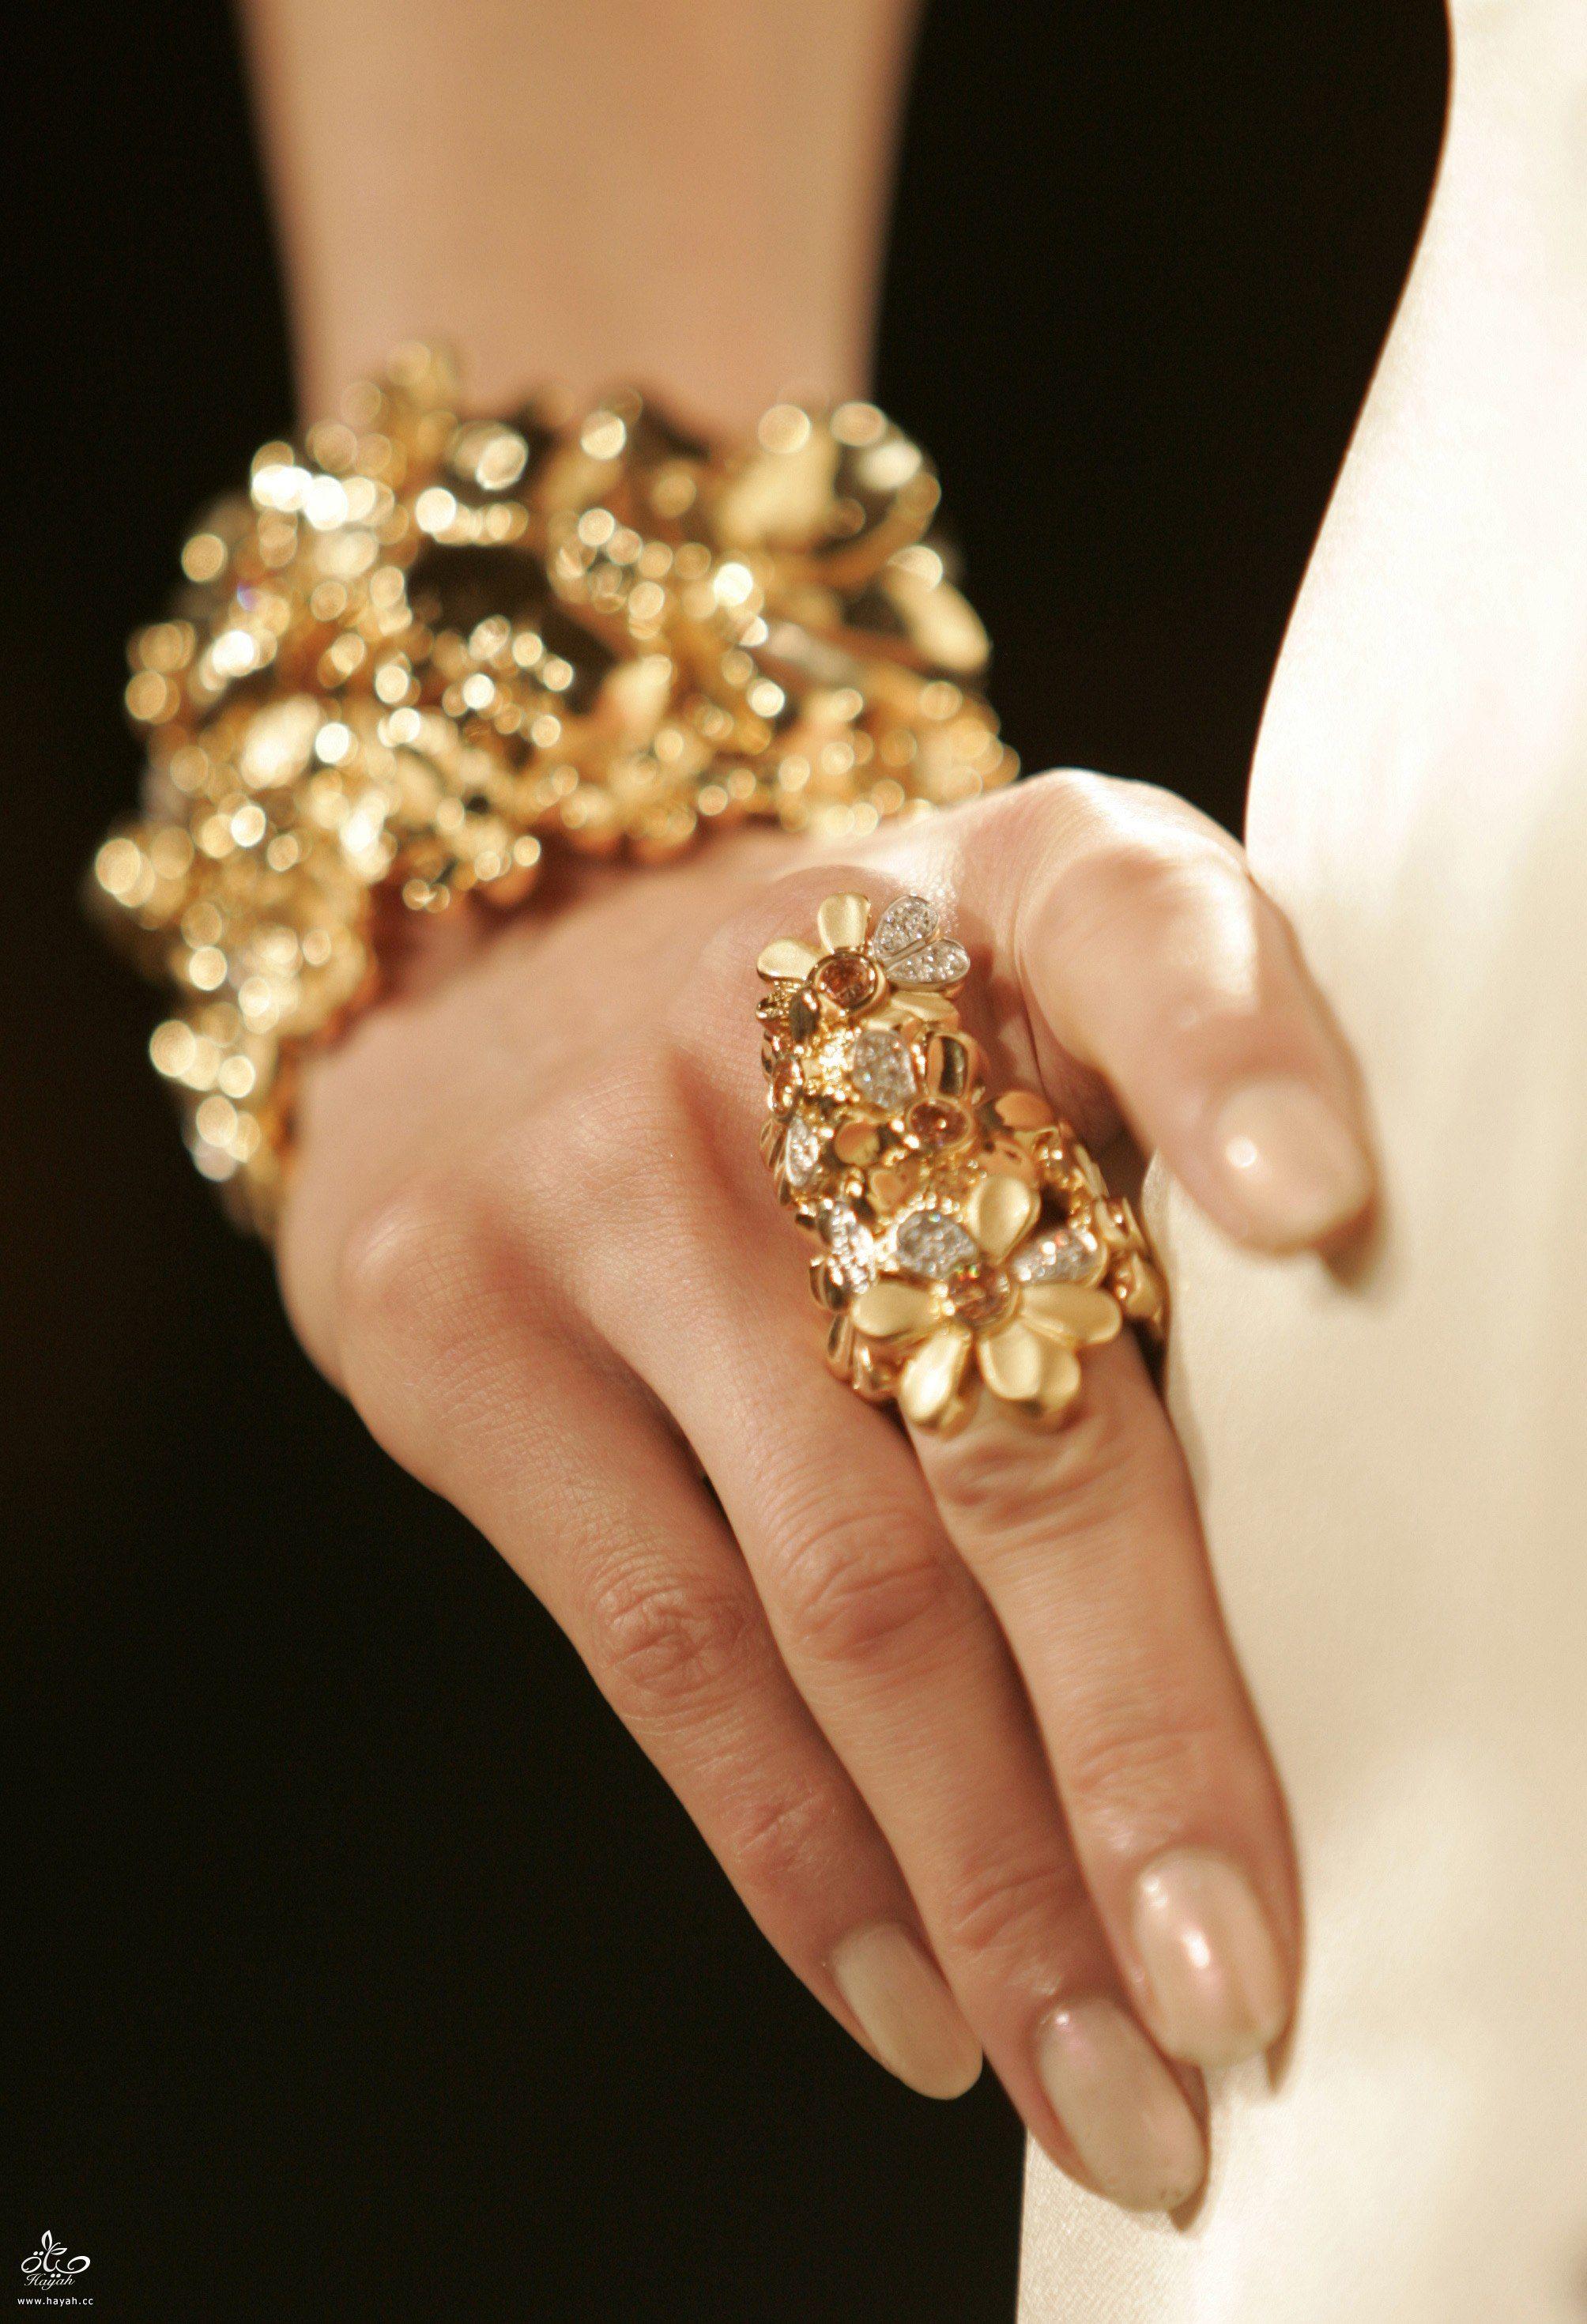 بالصور صور ذهب والماس , مجوهرات اشكال والوان عالمية غالية 4154 9